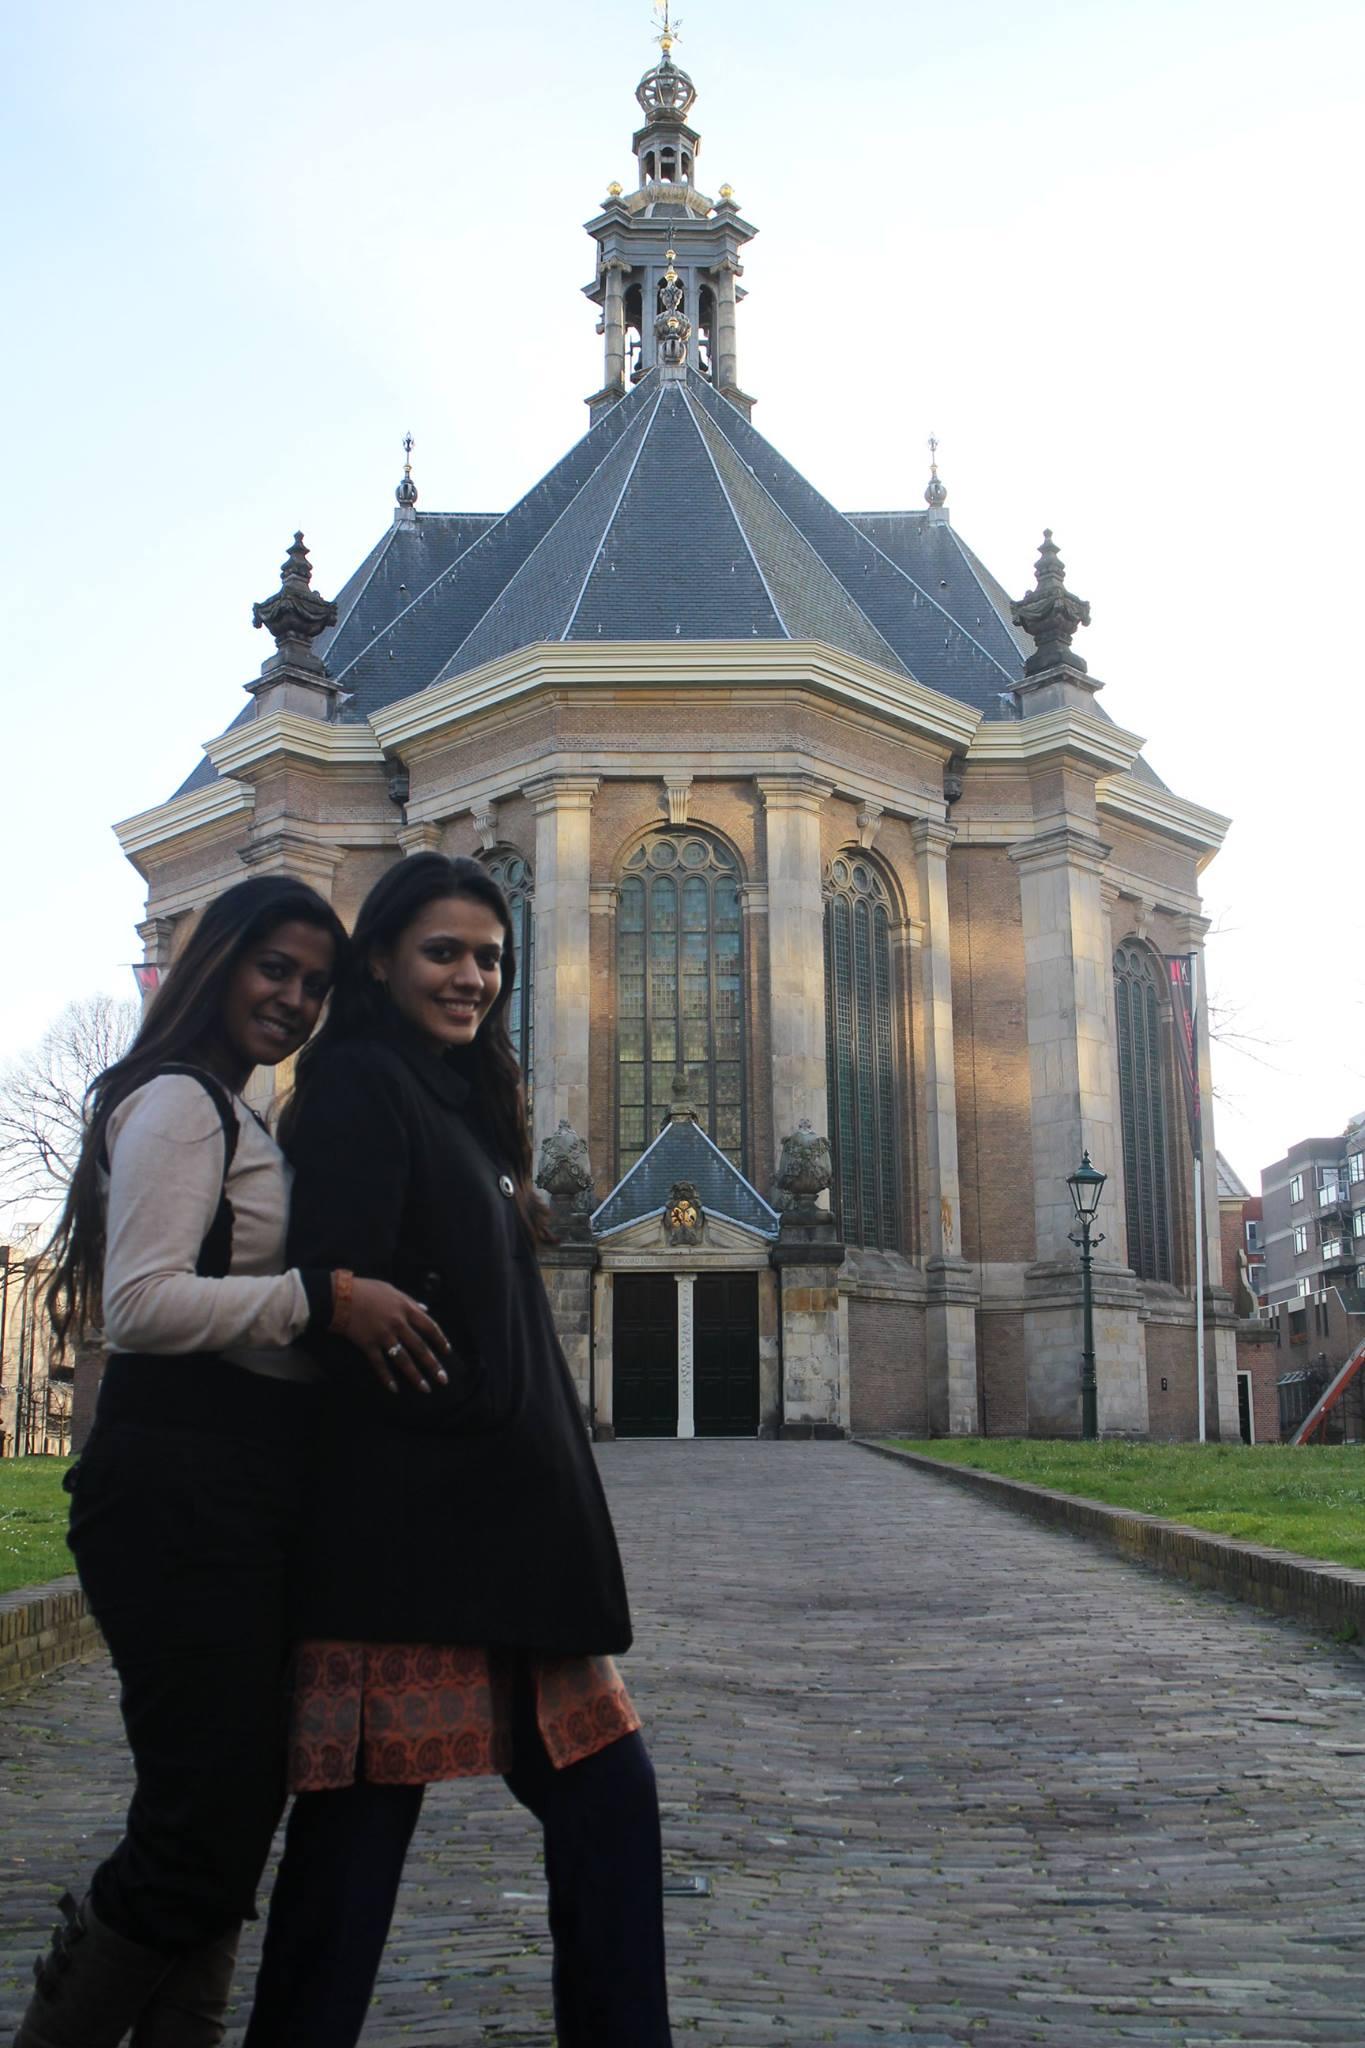 Nirali and Sangeeta at De Nieuwe Kerk